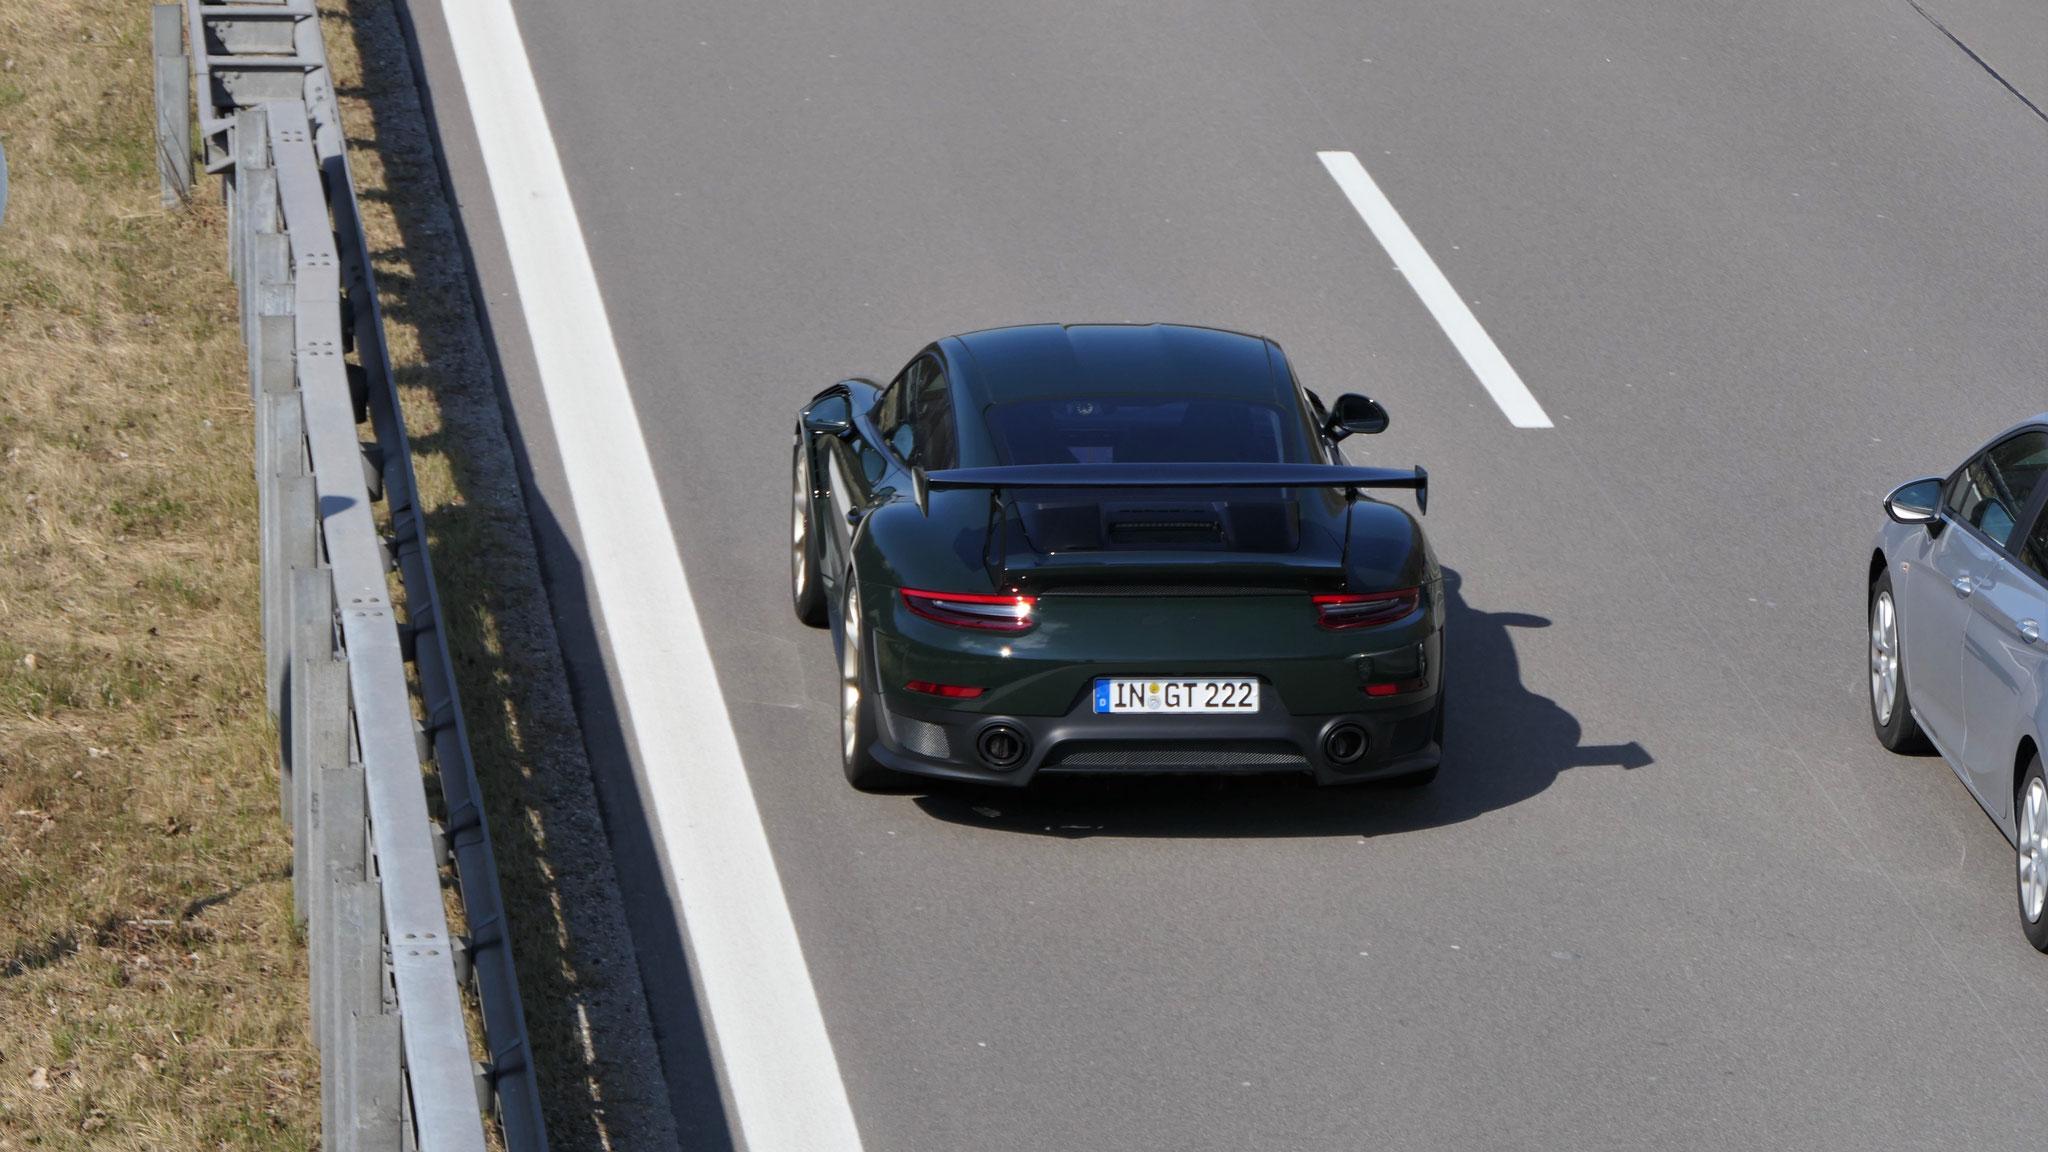 Porsche GT2 RS Weissach - IN-GT-222